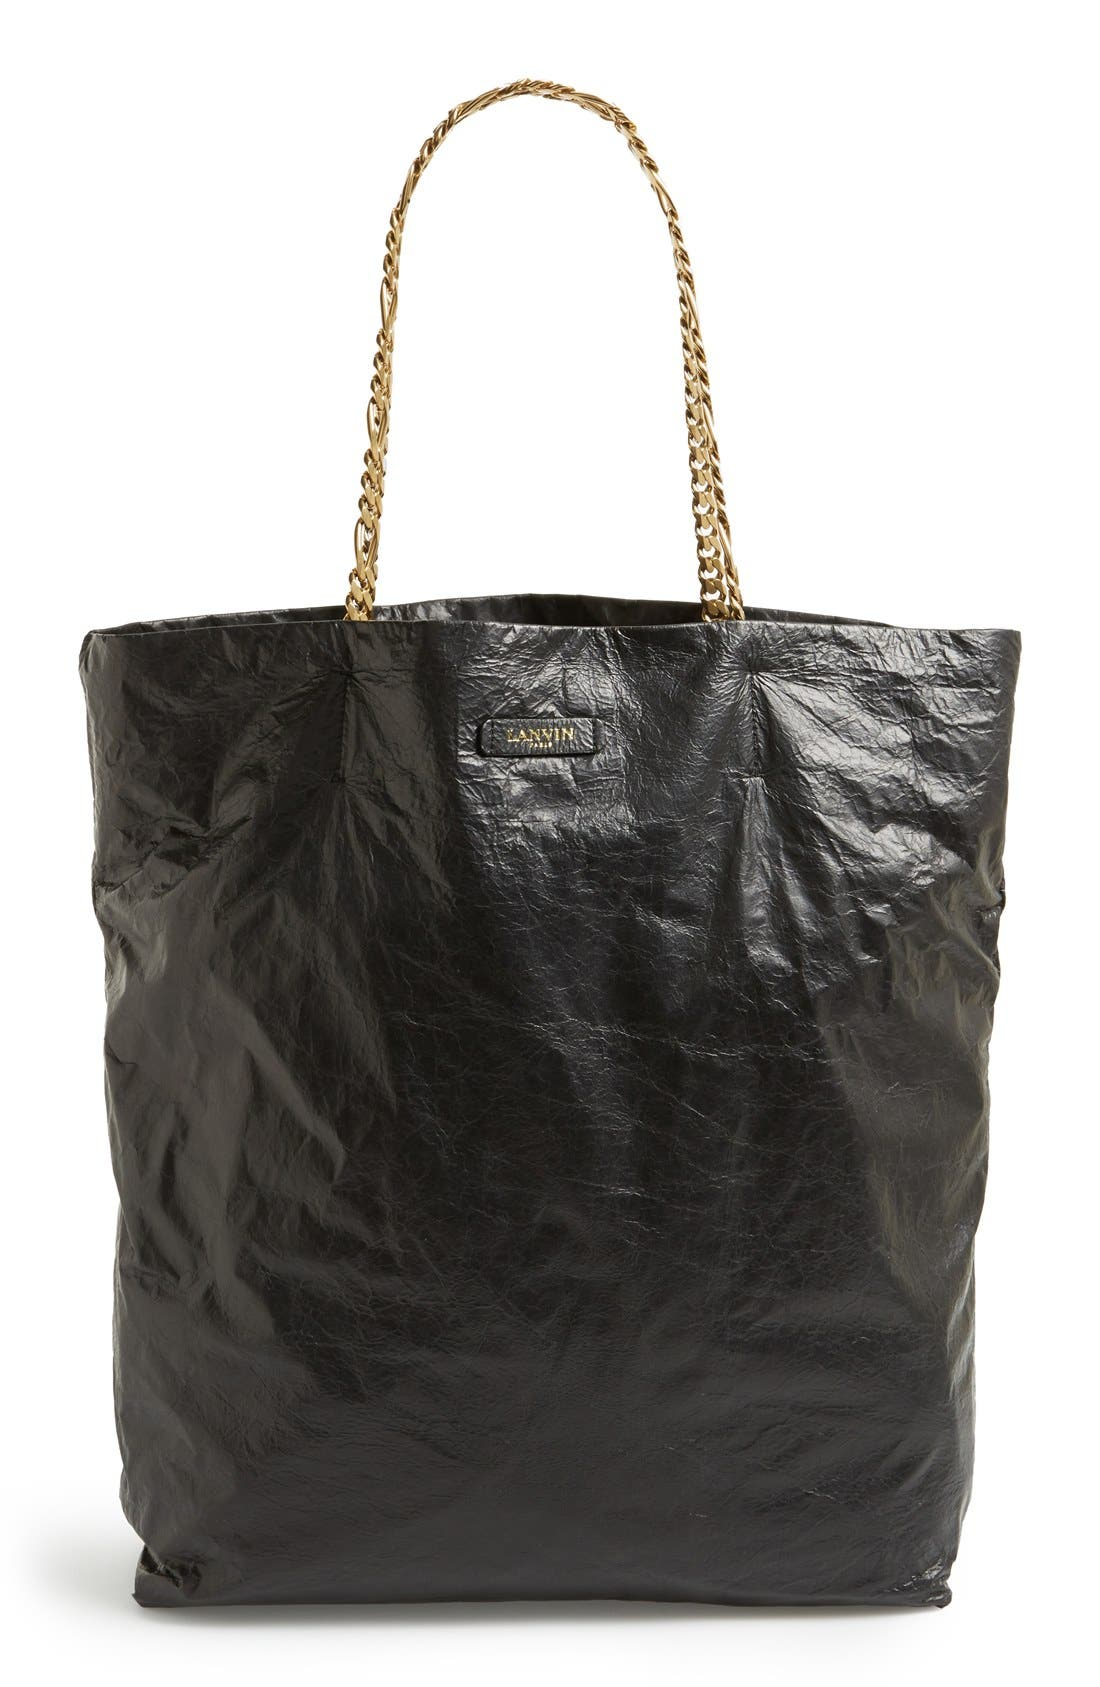 Alternate Image 1 Selected - Lanvin 'Paper Bag' Laminated Lambskin Tote